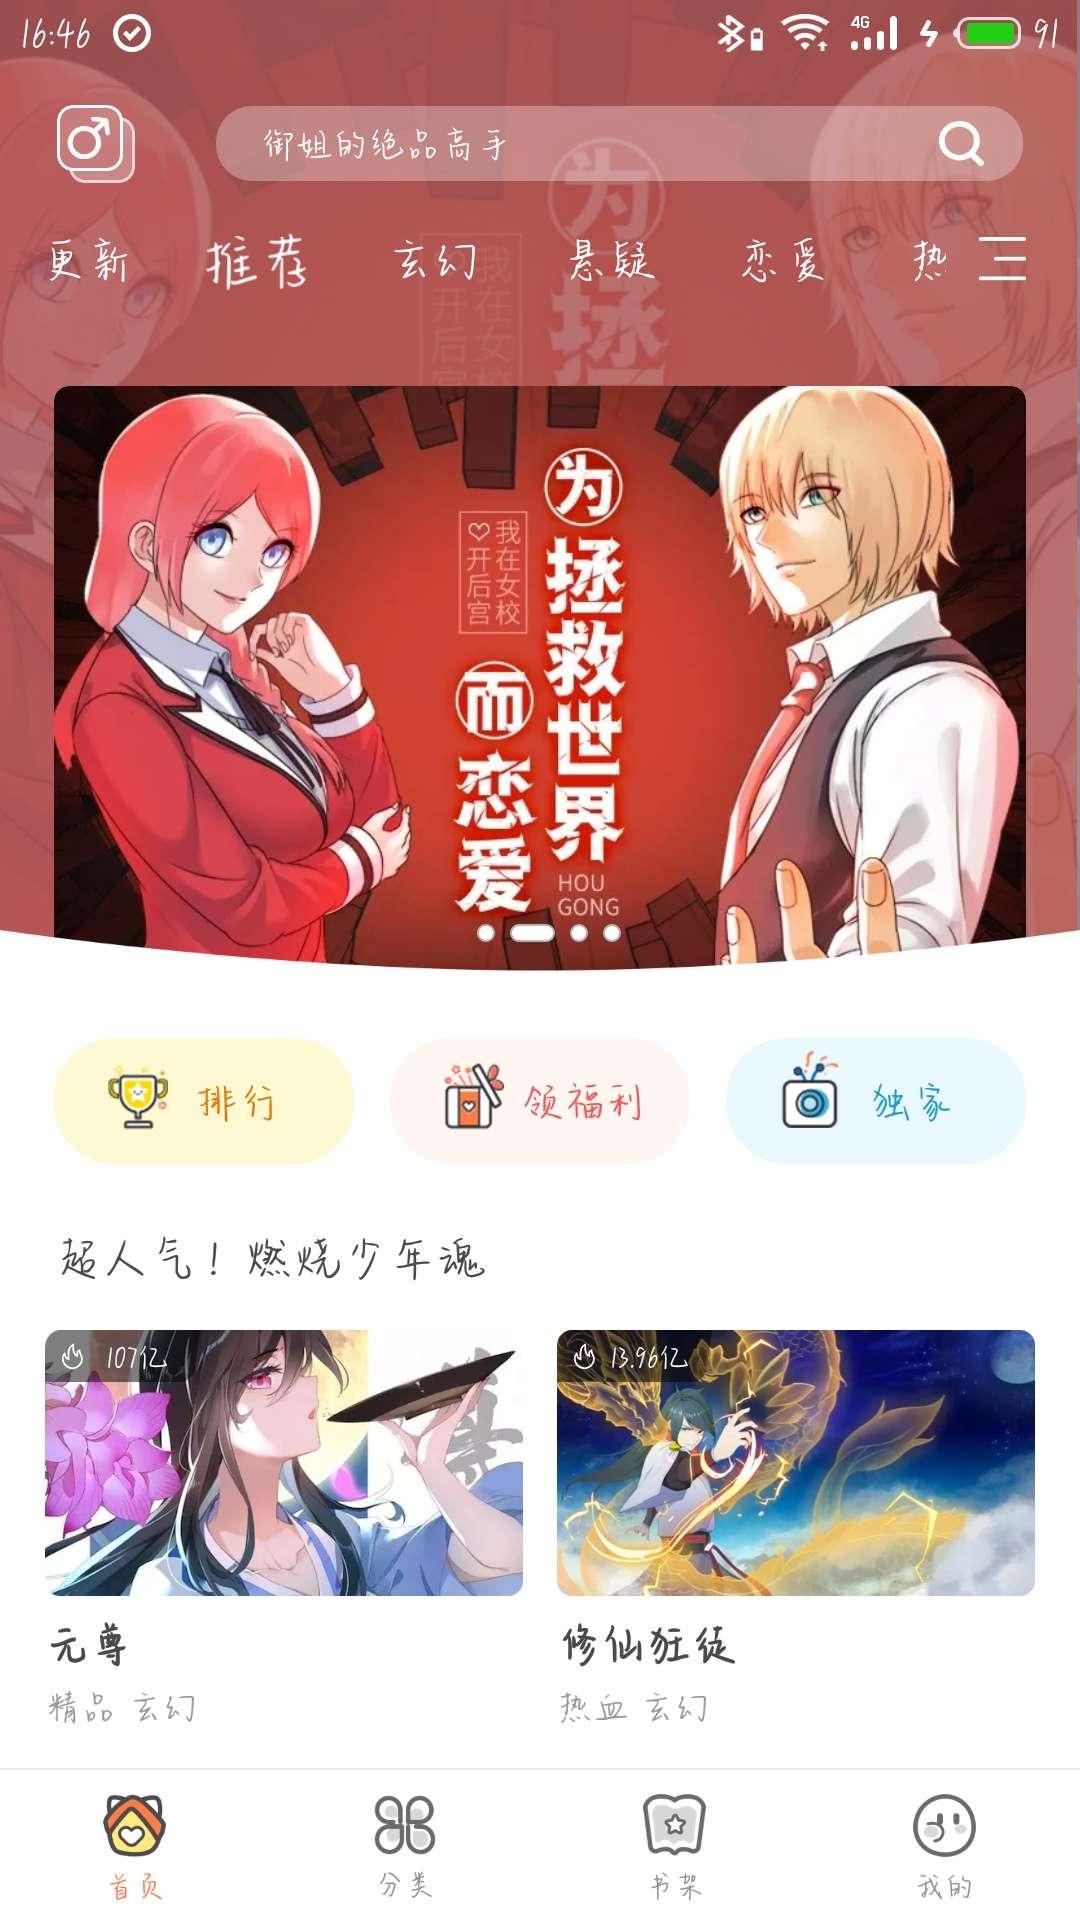 飒漫画2.18修改会员破解版